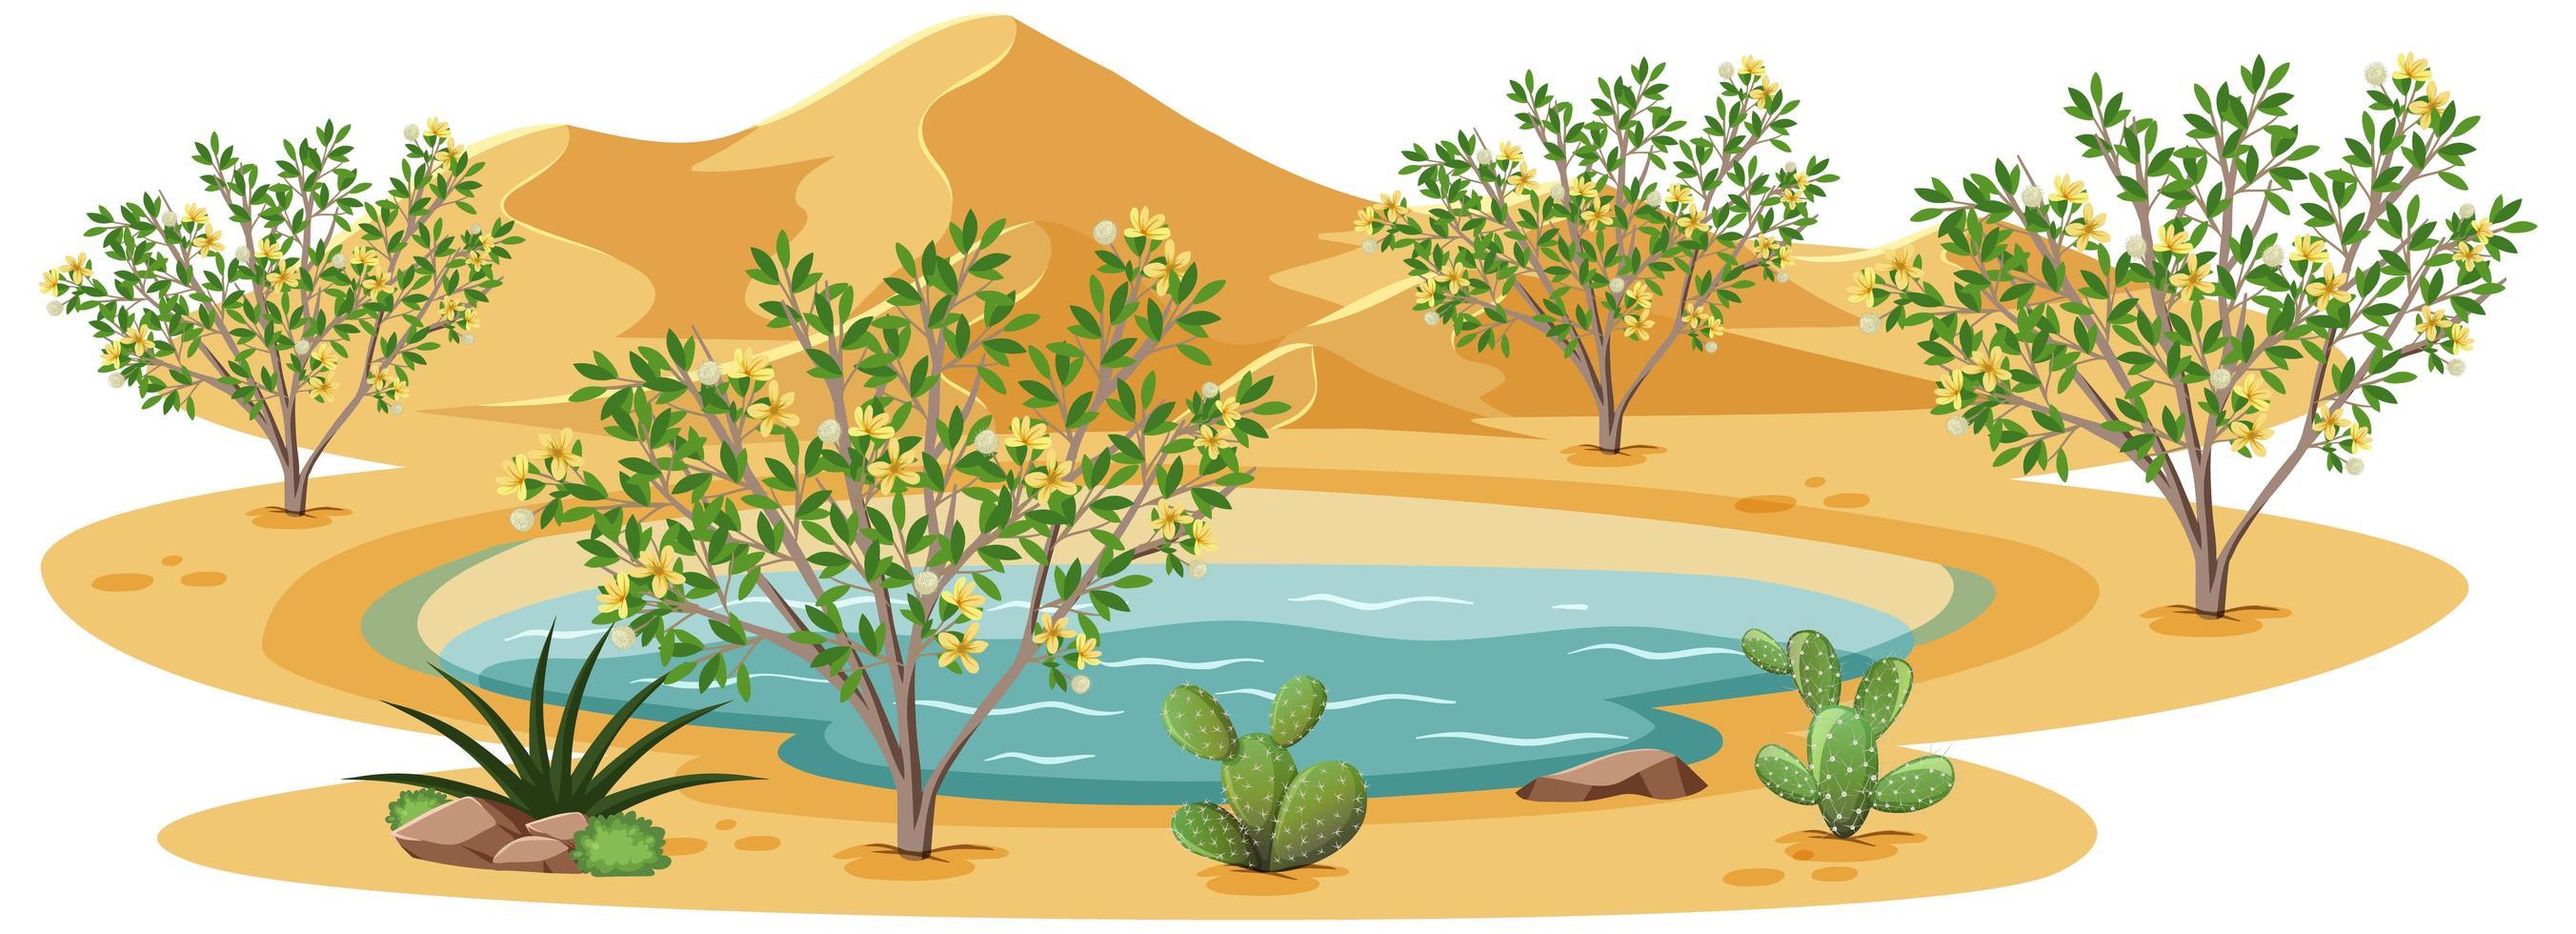 Plante de brousse créosote dans le désert sauvage sur fond blanc vecteur